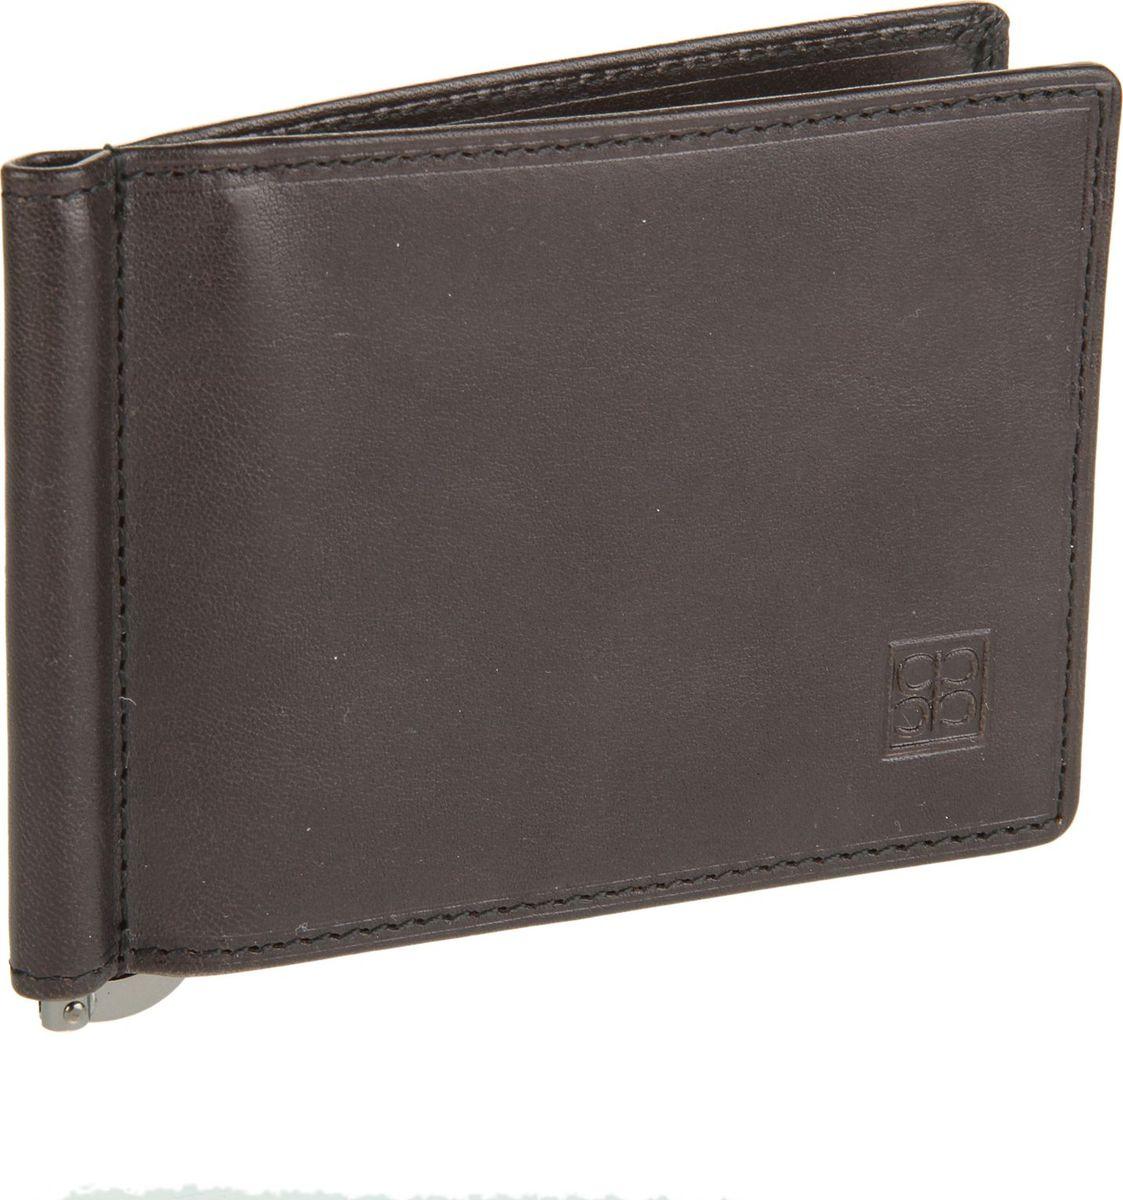 Портмоне мужское Sergio Belotti, цвет: черный. 2312m2312 milano blackраскладывается пополам внутри шесть кармашков для пластиковых карт два потайных кармана зажим для купюр два отгибающихся уголка кармашек для sim- карты